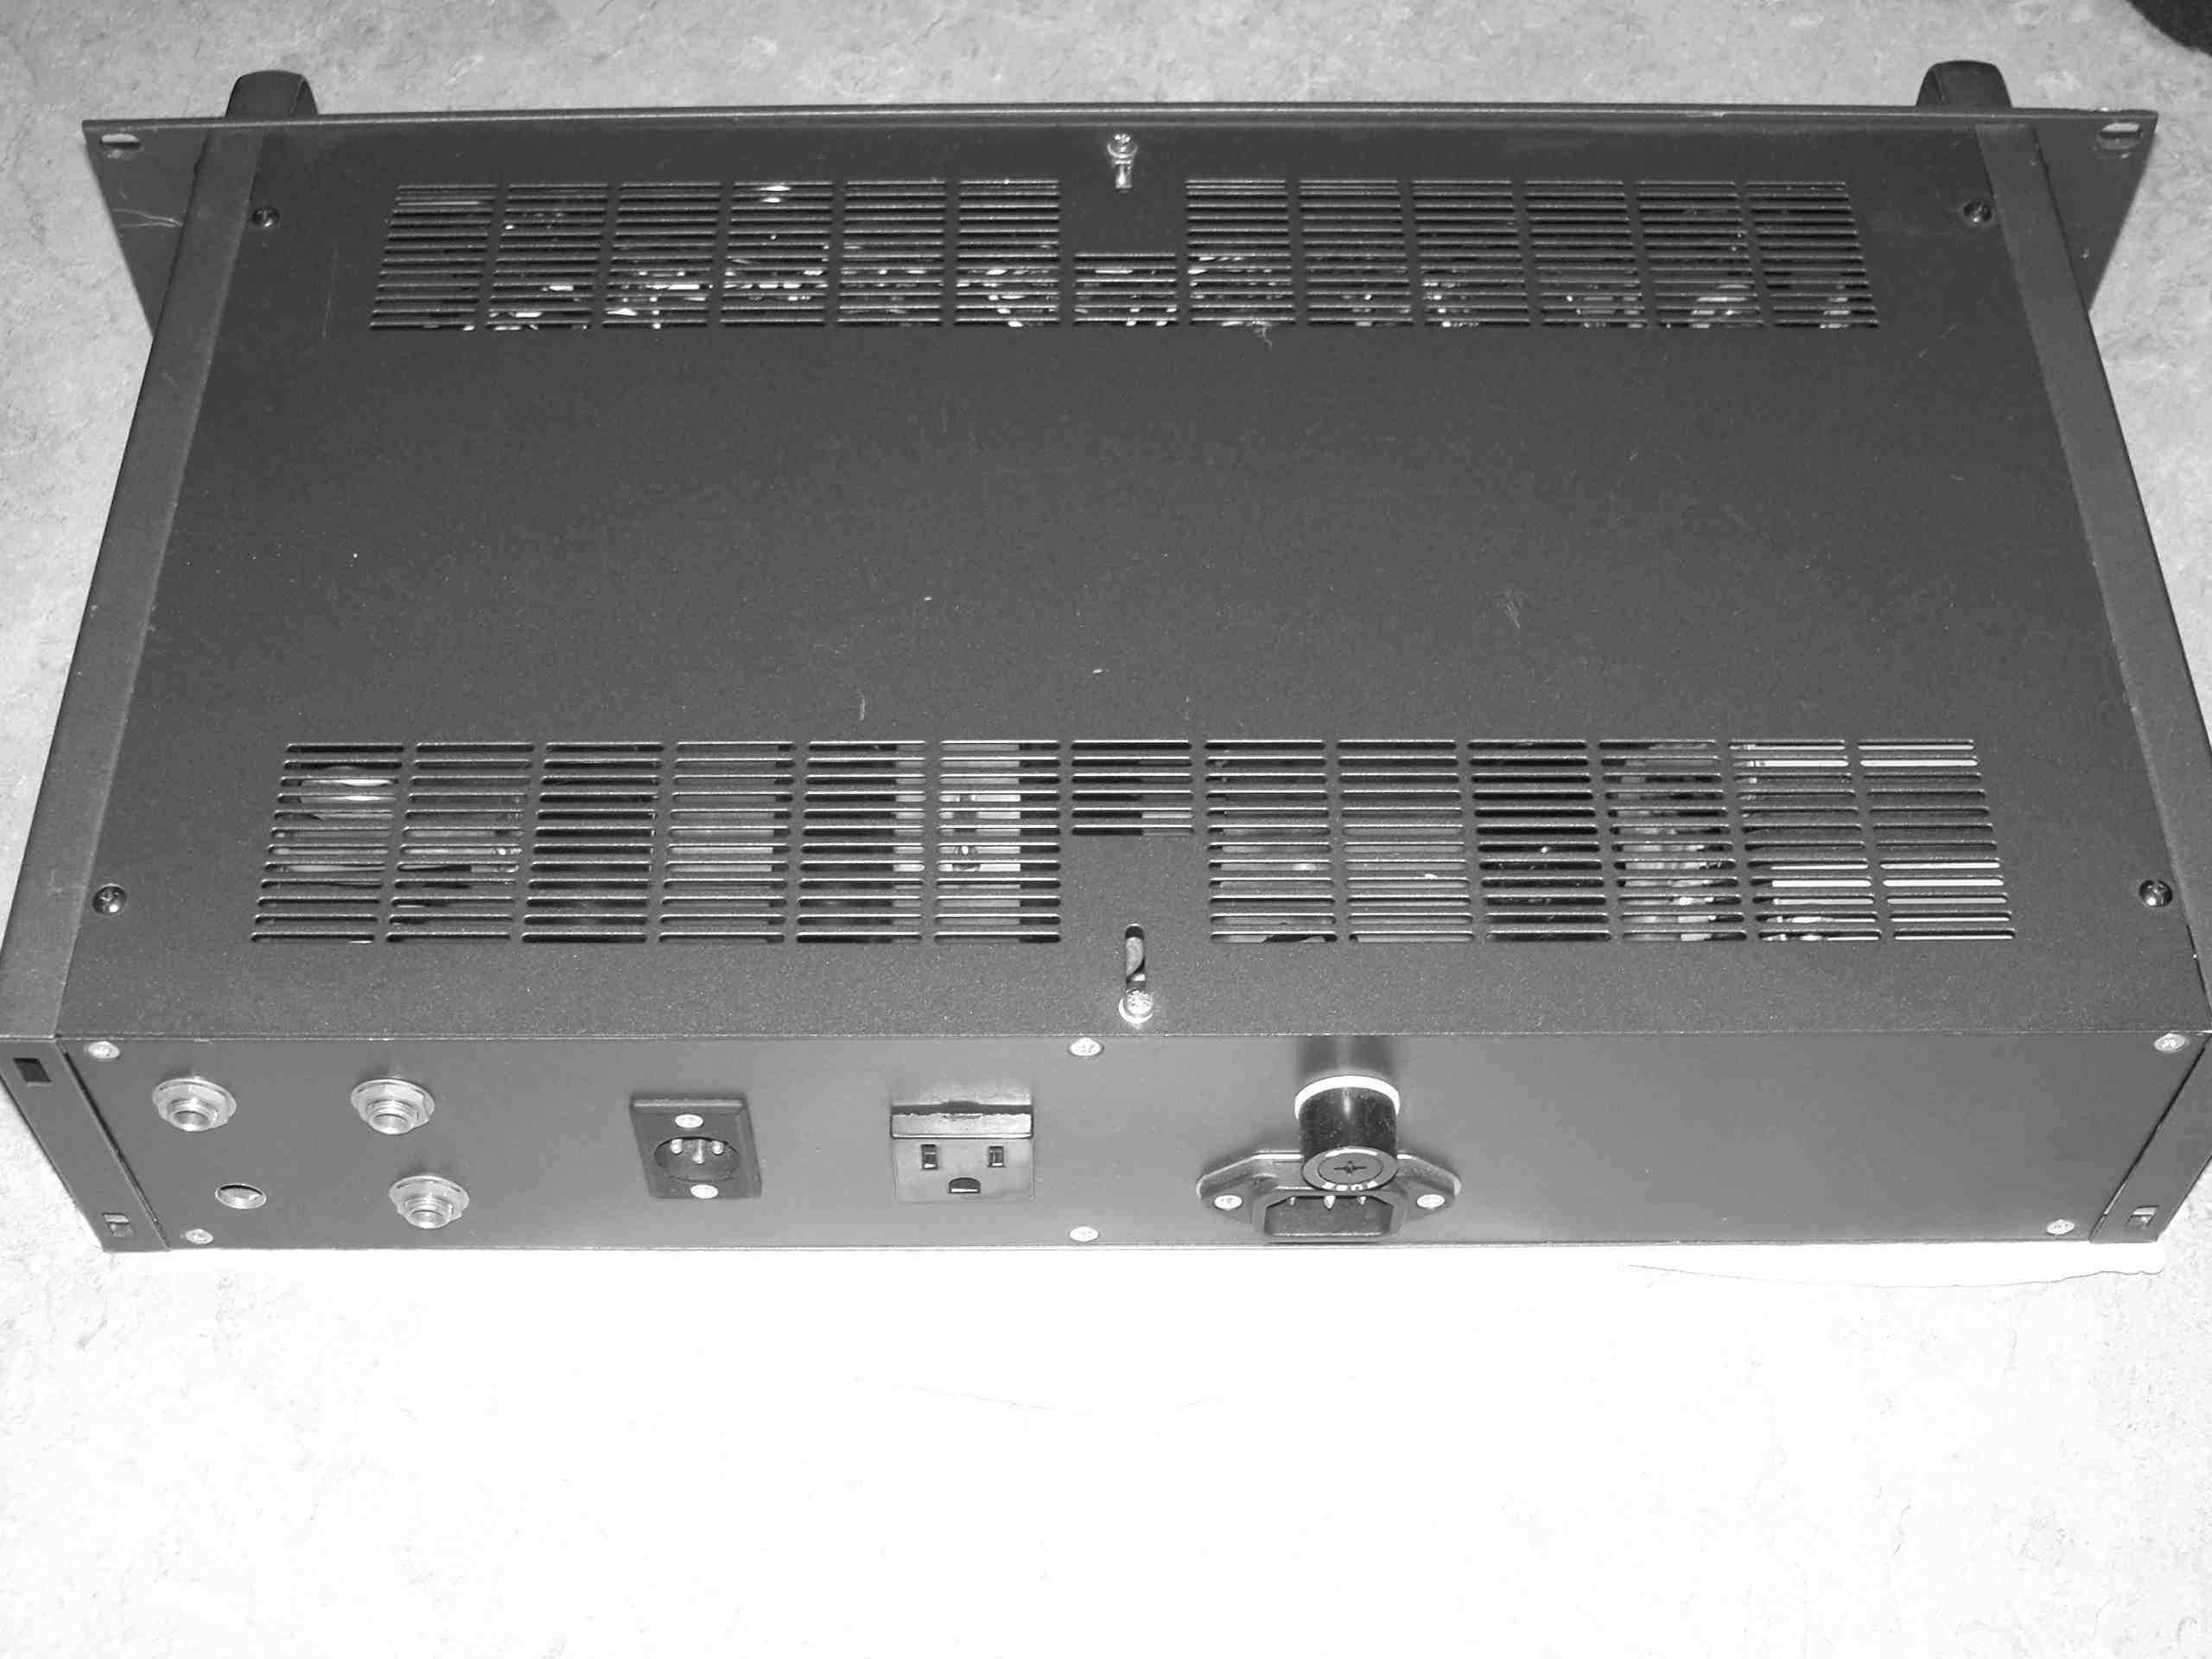 FMP-1 rear view